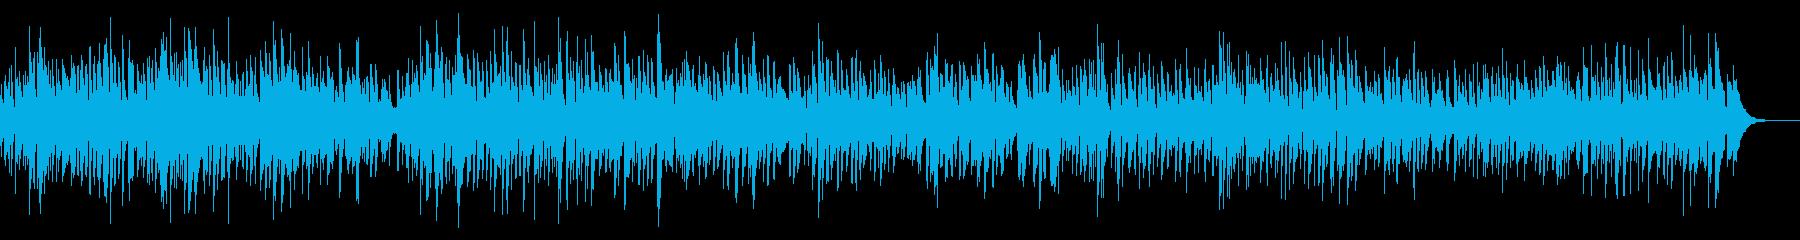 ピアノ料理系ボサノバYouTubeカフェの再生済みの波形